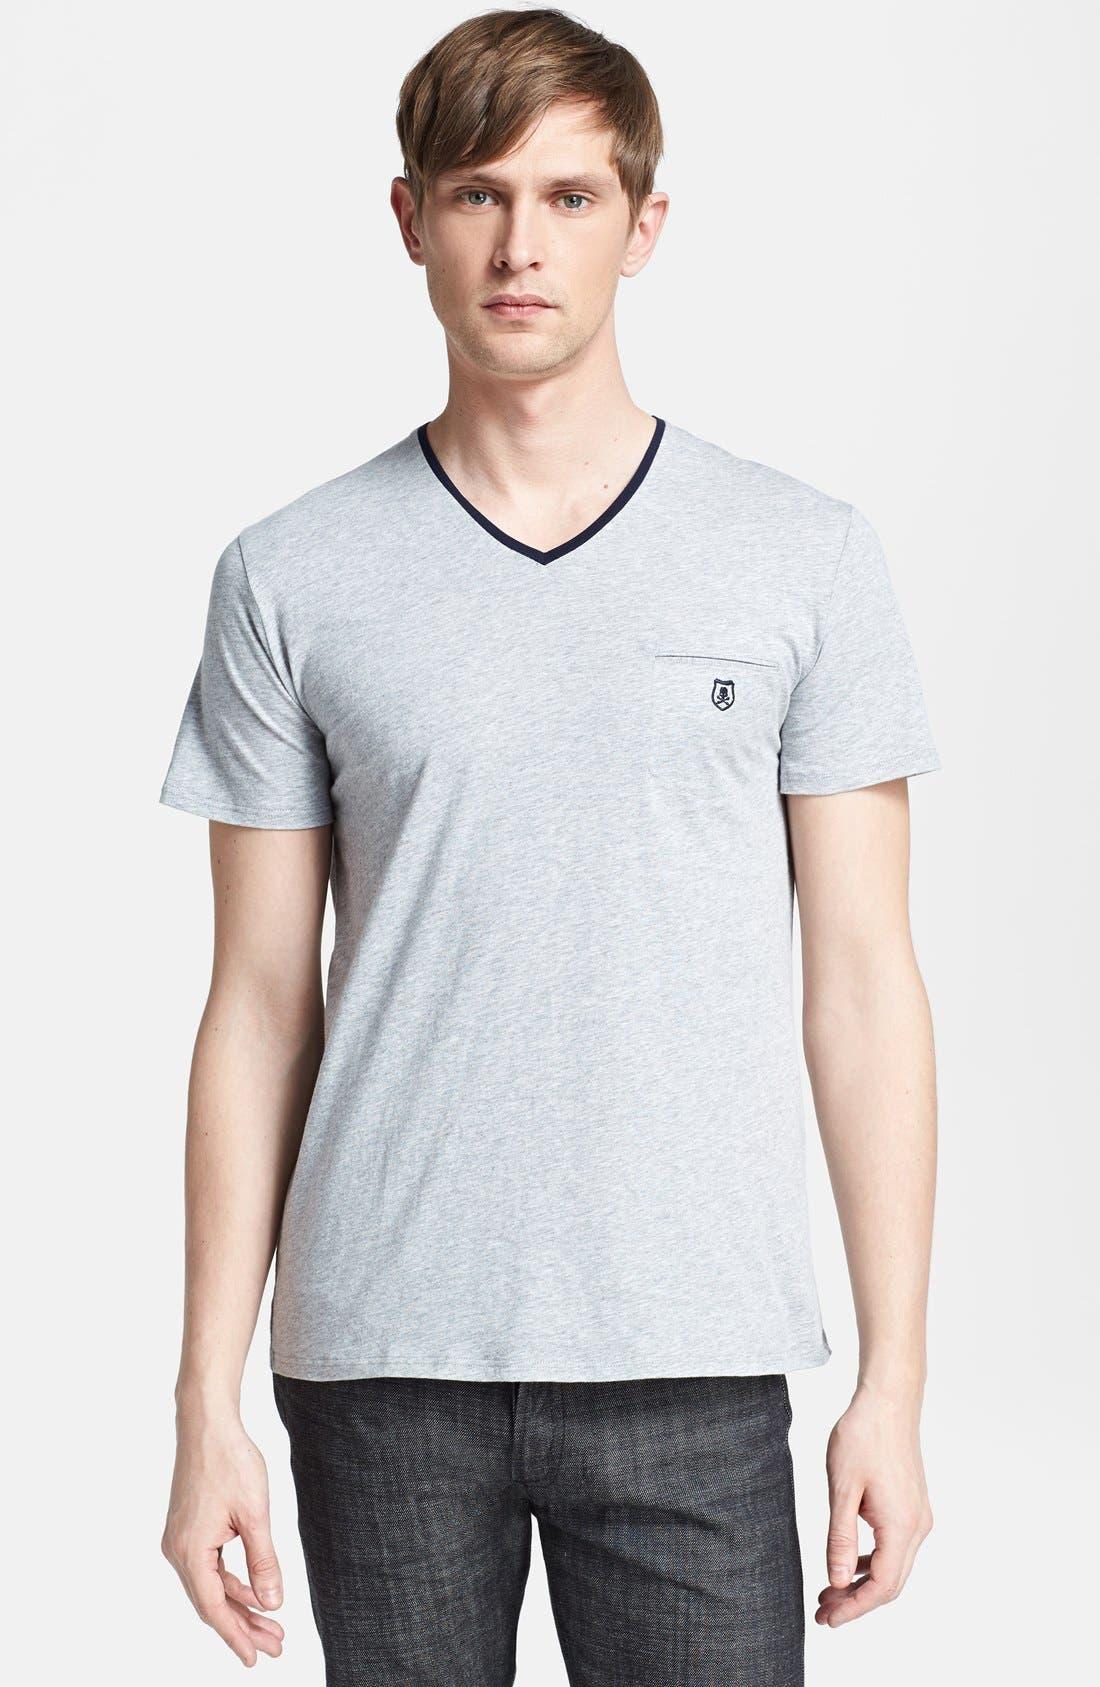 Alternate Image 1 Selected - The Kooples Embroidered Pocket V-Neck T-Shirt